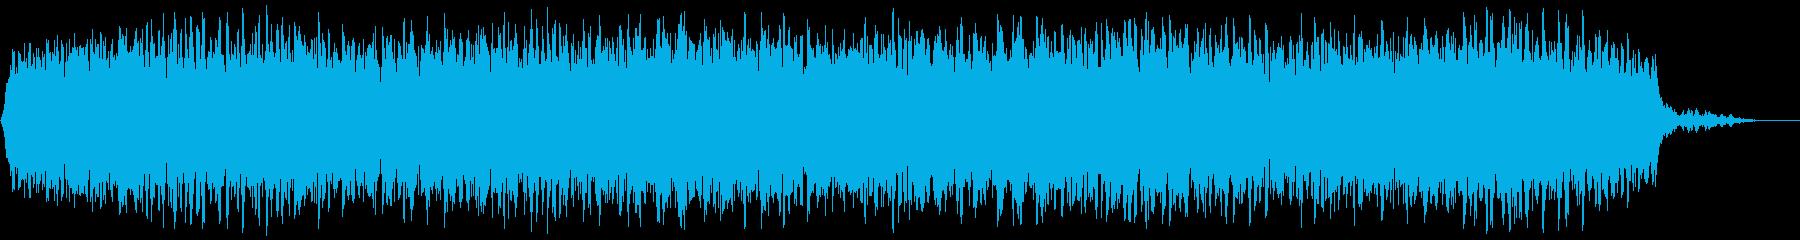 【アンビエント】ドローン_17 実験音の再生済みの波形